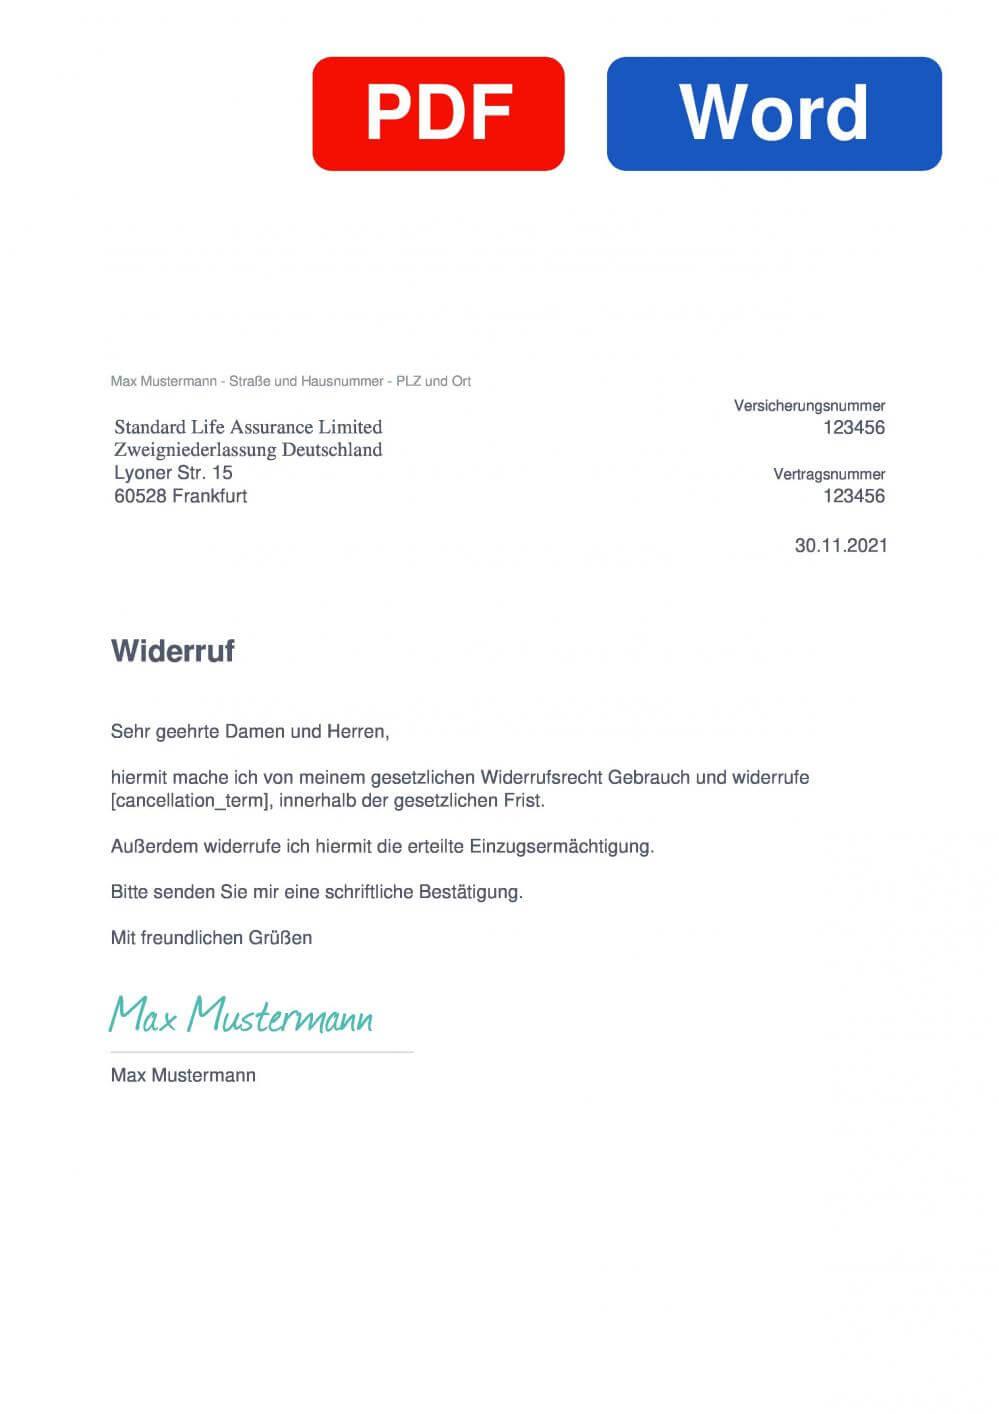 Standard Life Versicherung Muster Vorlage für Wiederrufsschreiben